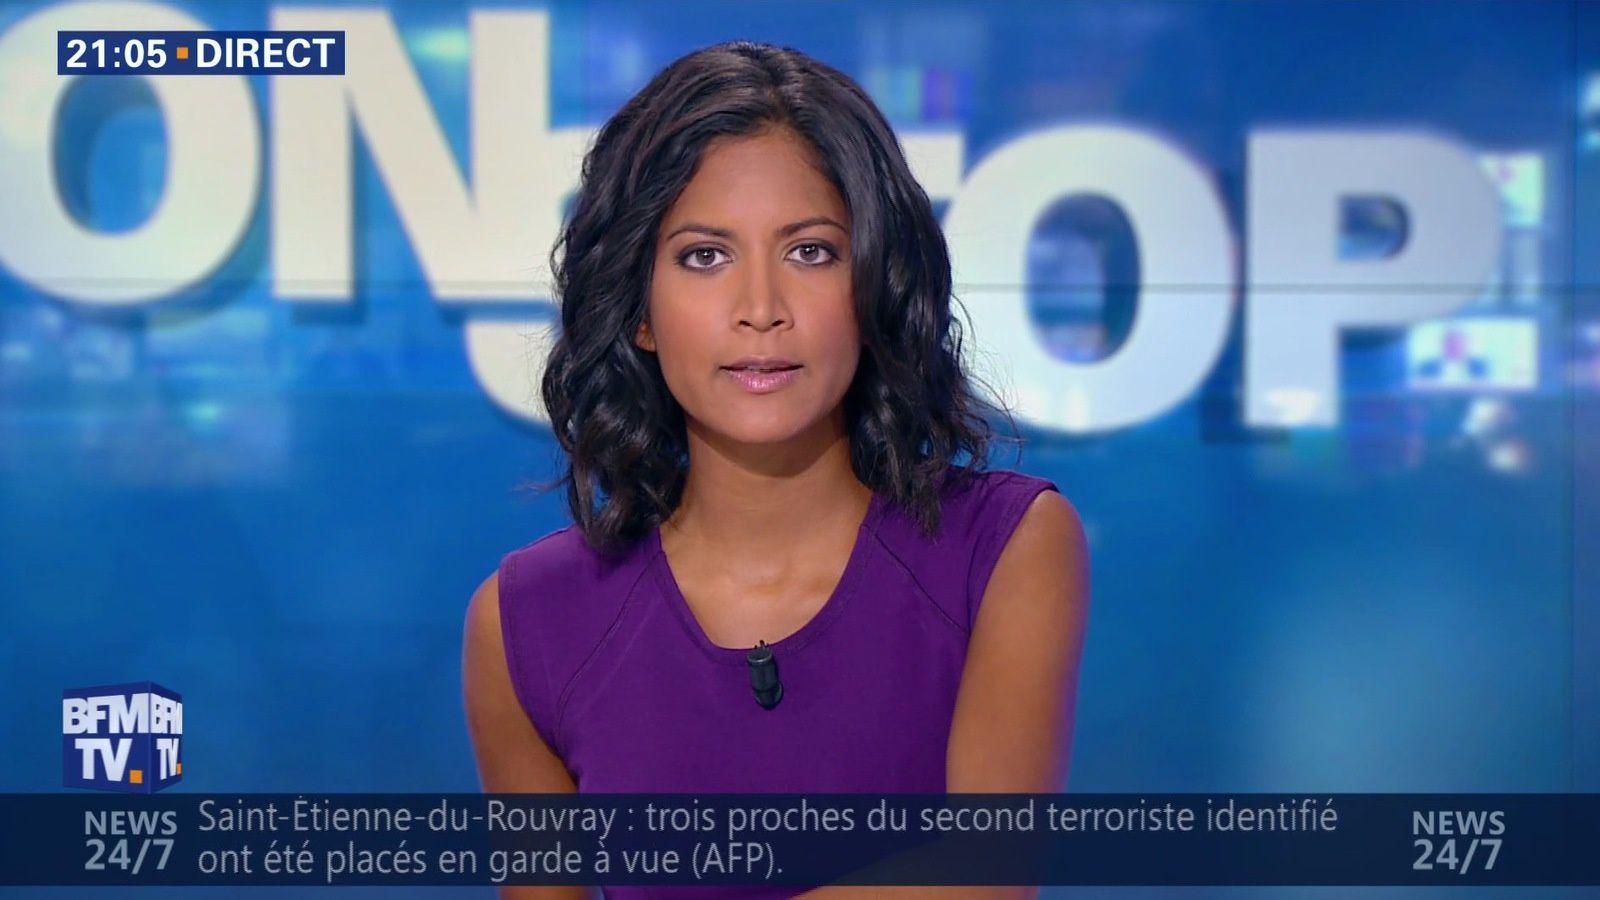 AURELIE CASSE pour NON-STOP le 2016 07 28 sur BFM TV